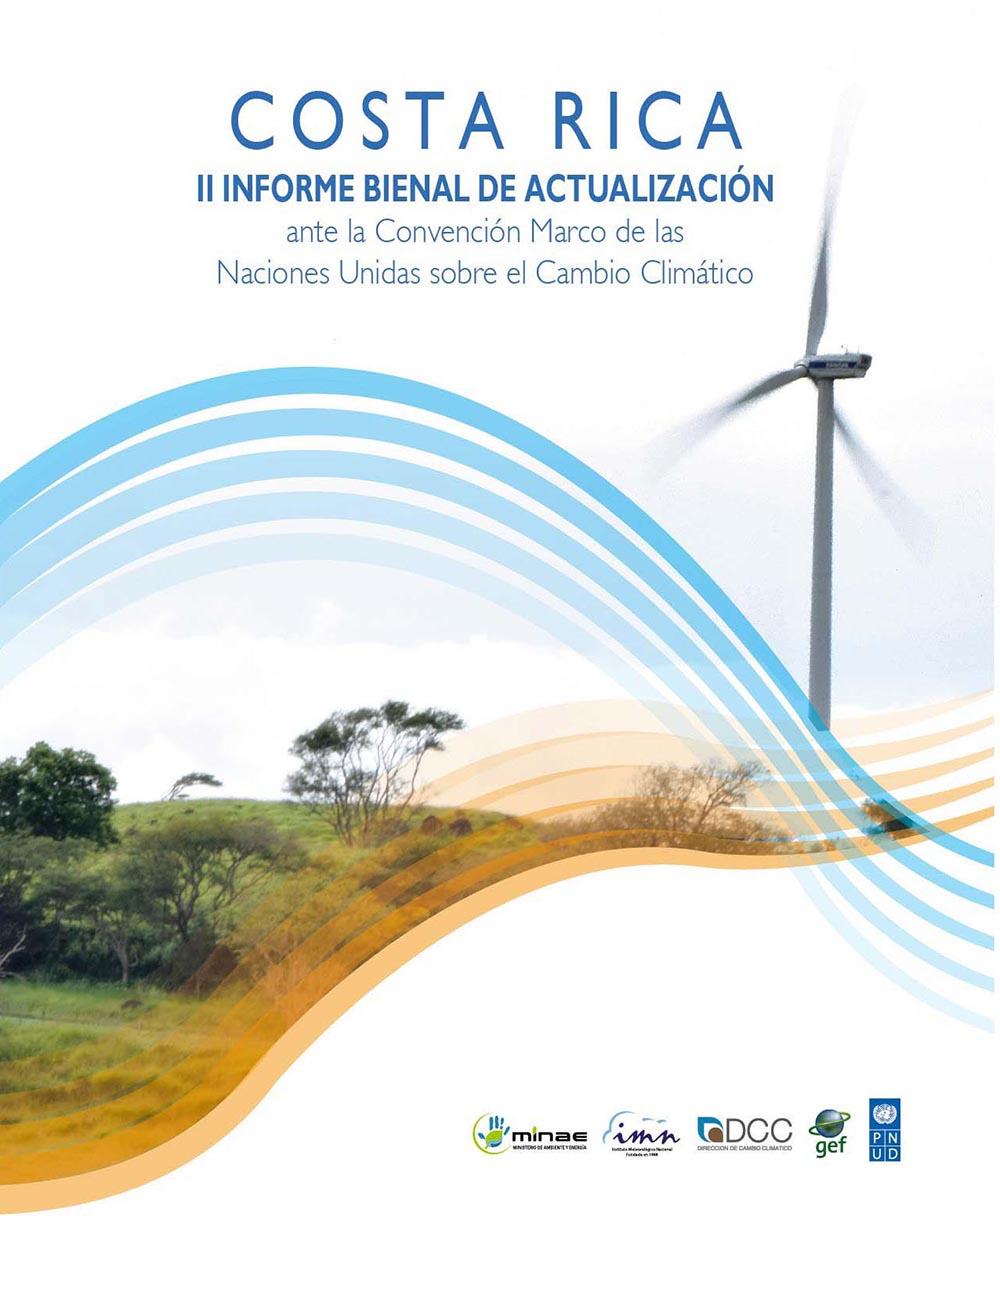 Costa Rica II Informe Bienal de Actualización ante la Convención Marco de las Naciones Unidas sobre el Cambio Climático